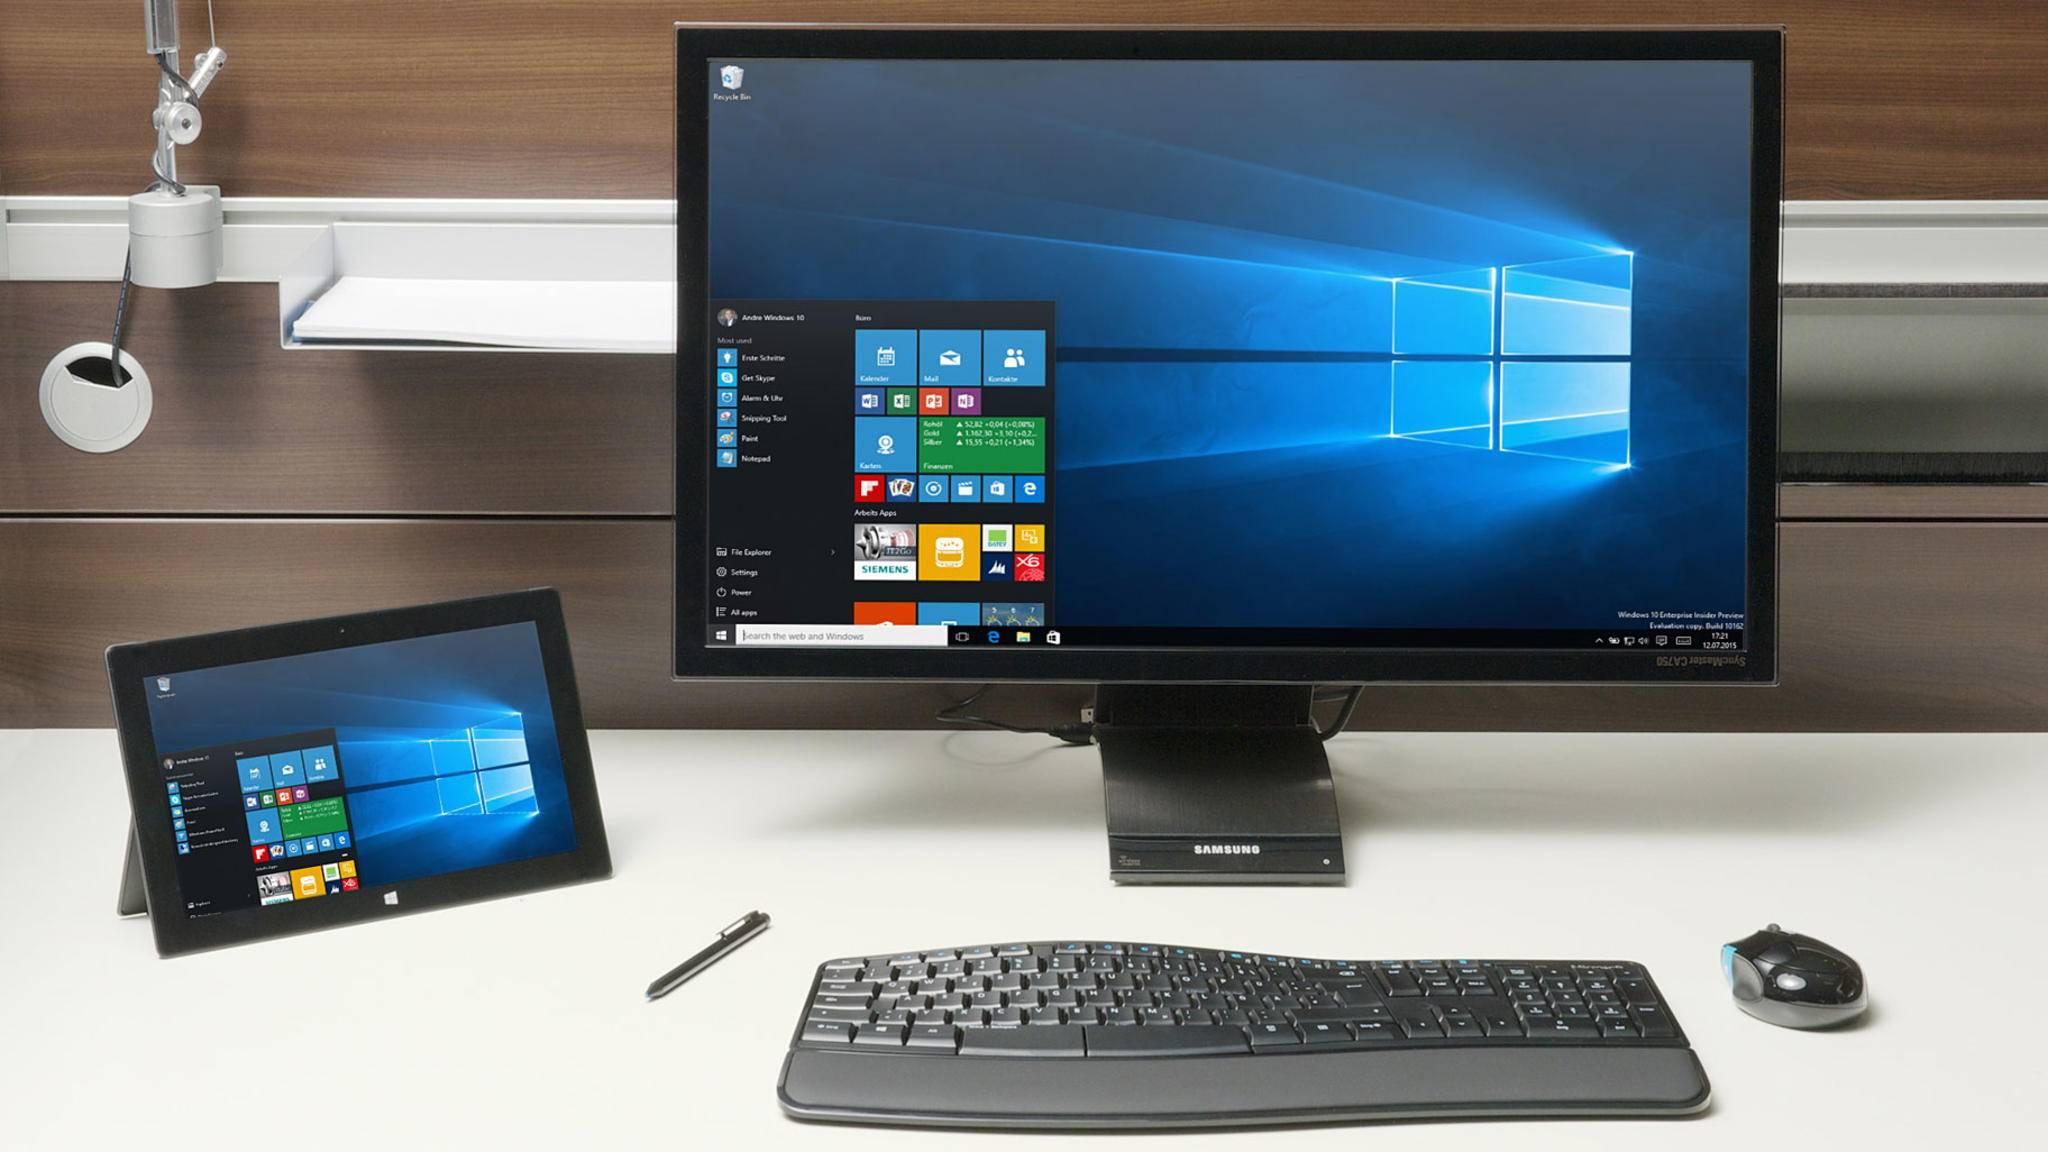 Ebenso problemlos wie die Installation ist auch der Abschied von Windows 10.